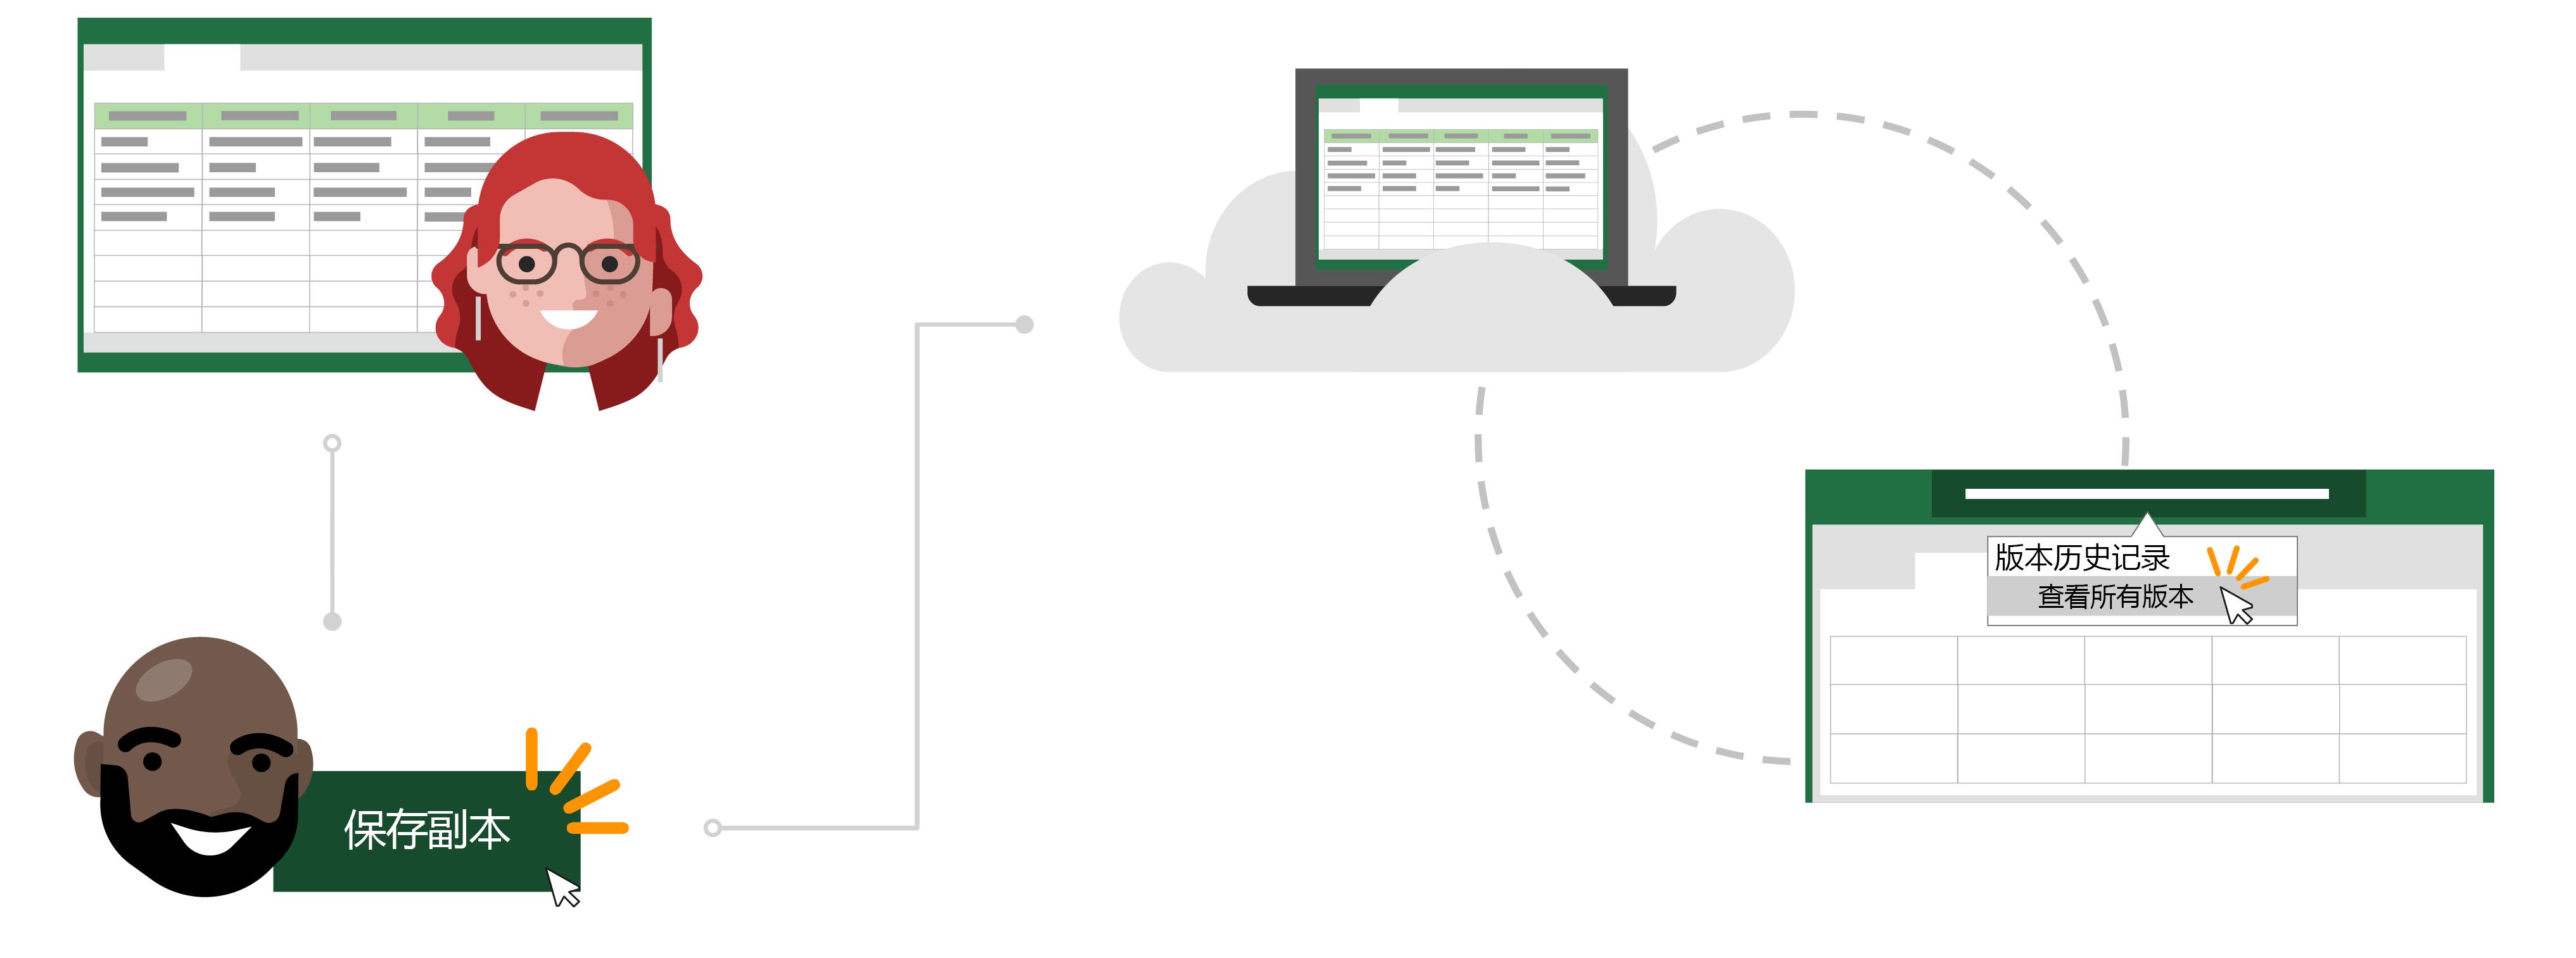 使用现有文件在云中另存为模板的新文件使用保存副本。